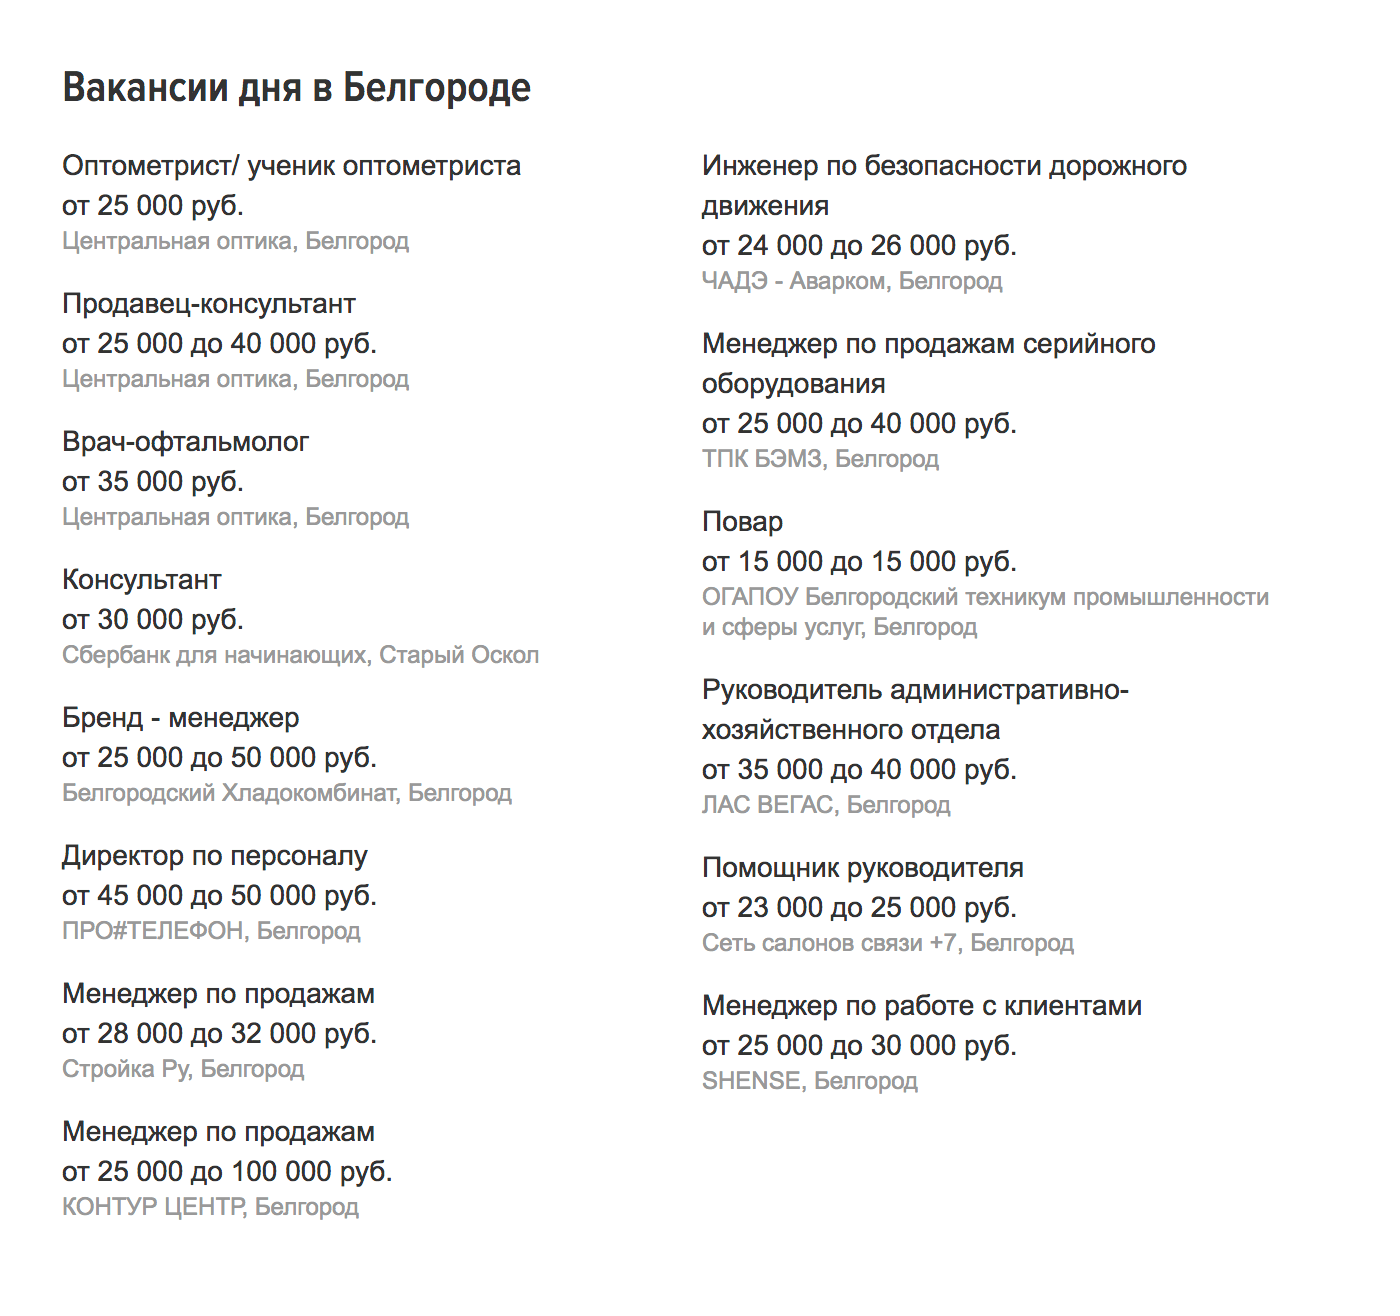 Белгородские зарплаты на «Хедхантере» начинаются от 16 000 р.